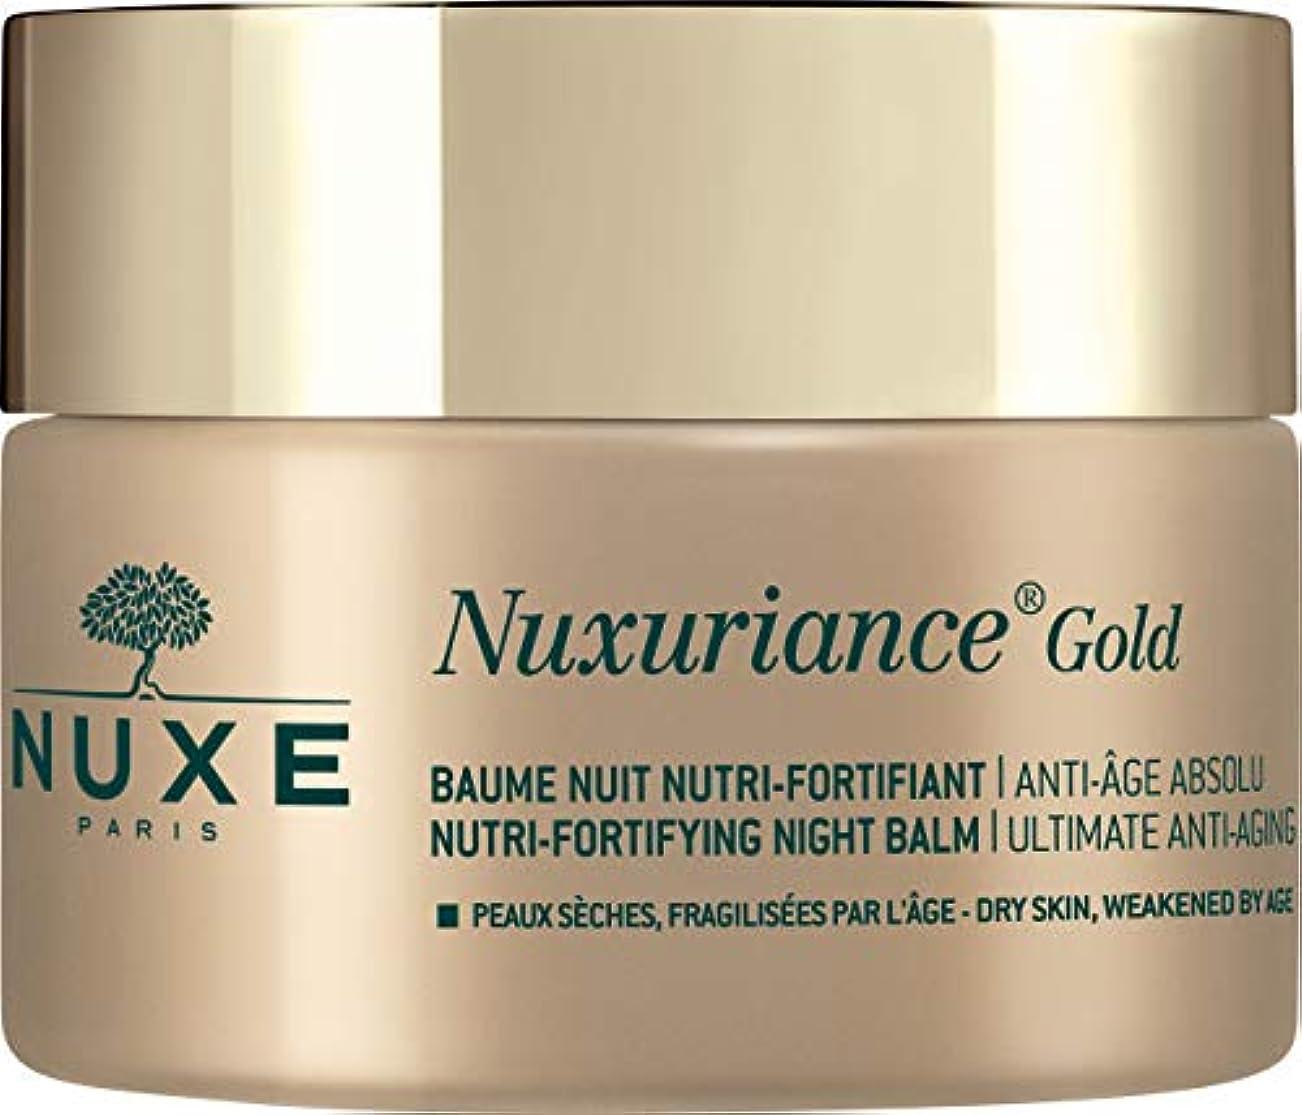 なだめる未接続拡張ニュクス[NUXE] ニュクスリアンス ゴールド ナイトバーム 50ml 海外直送品